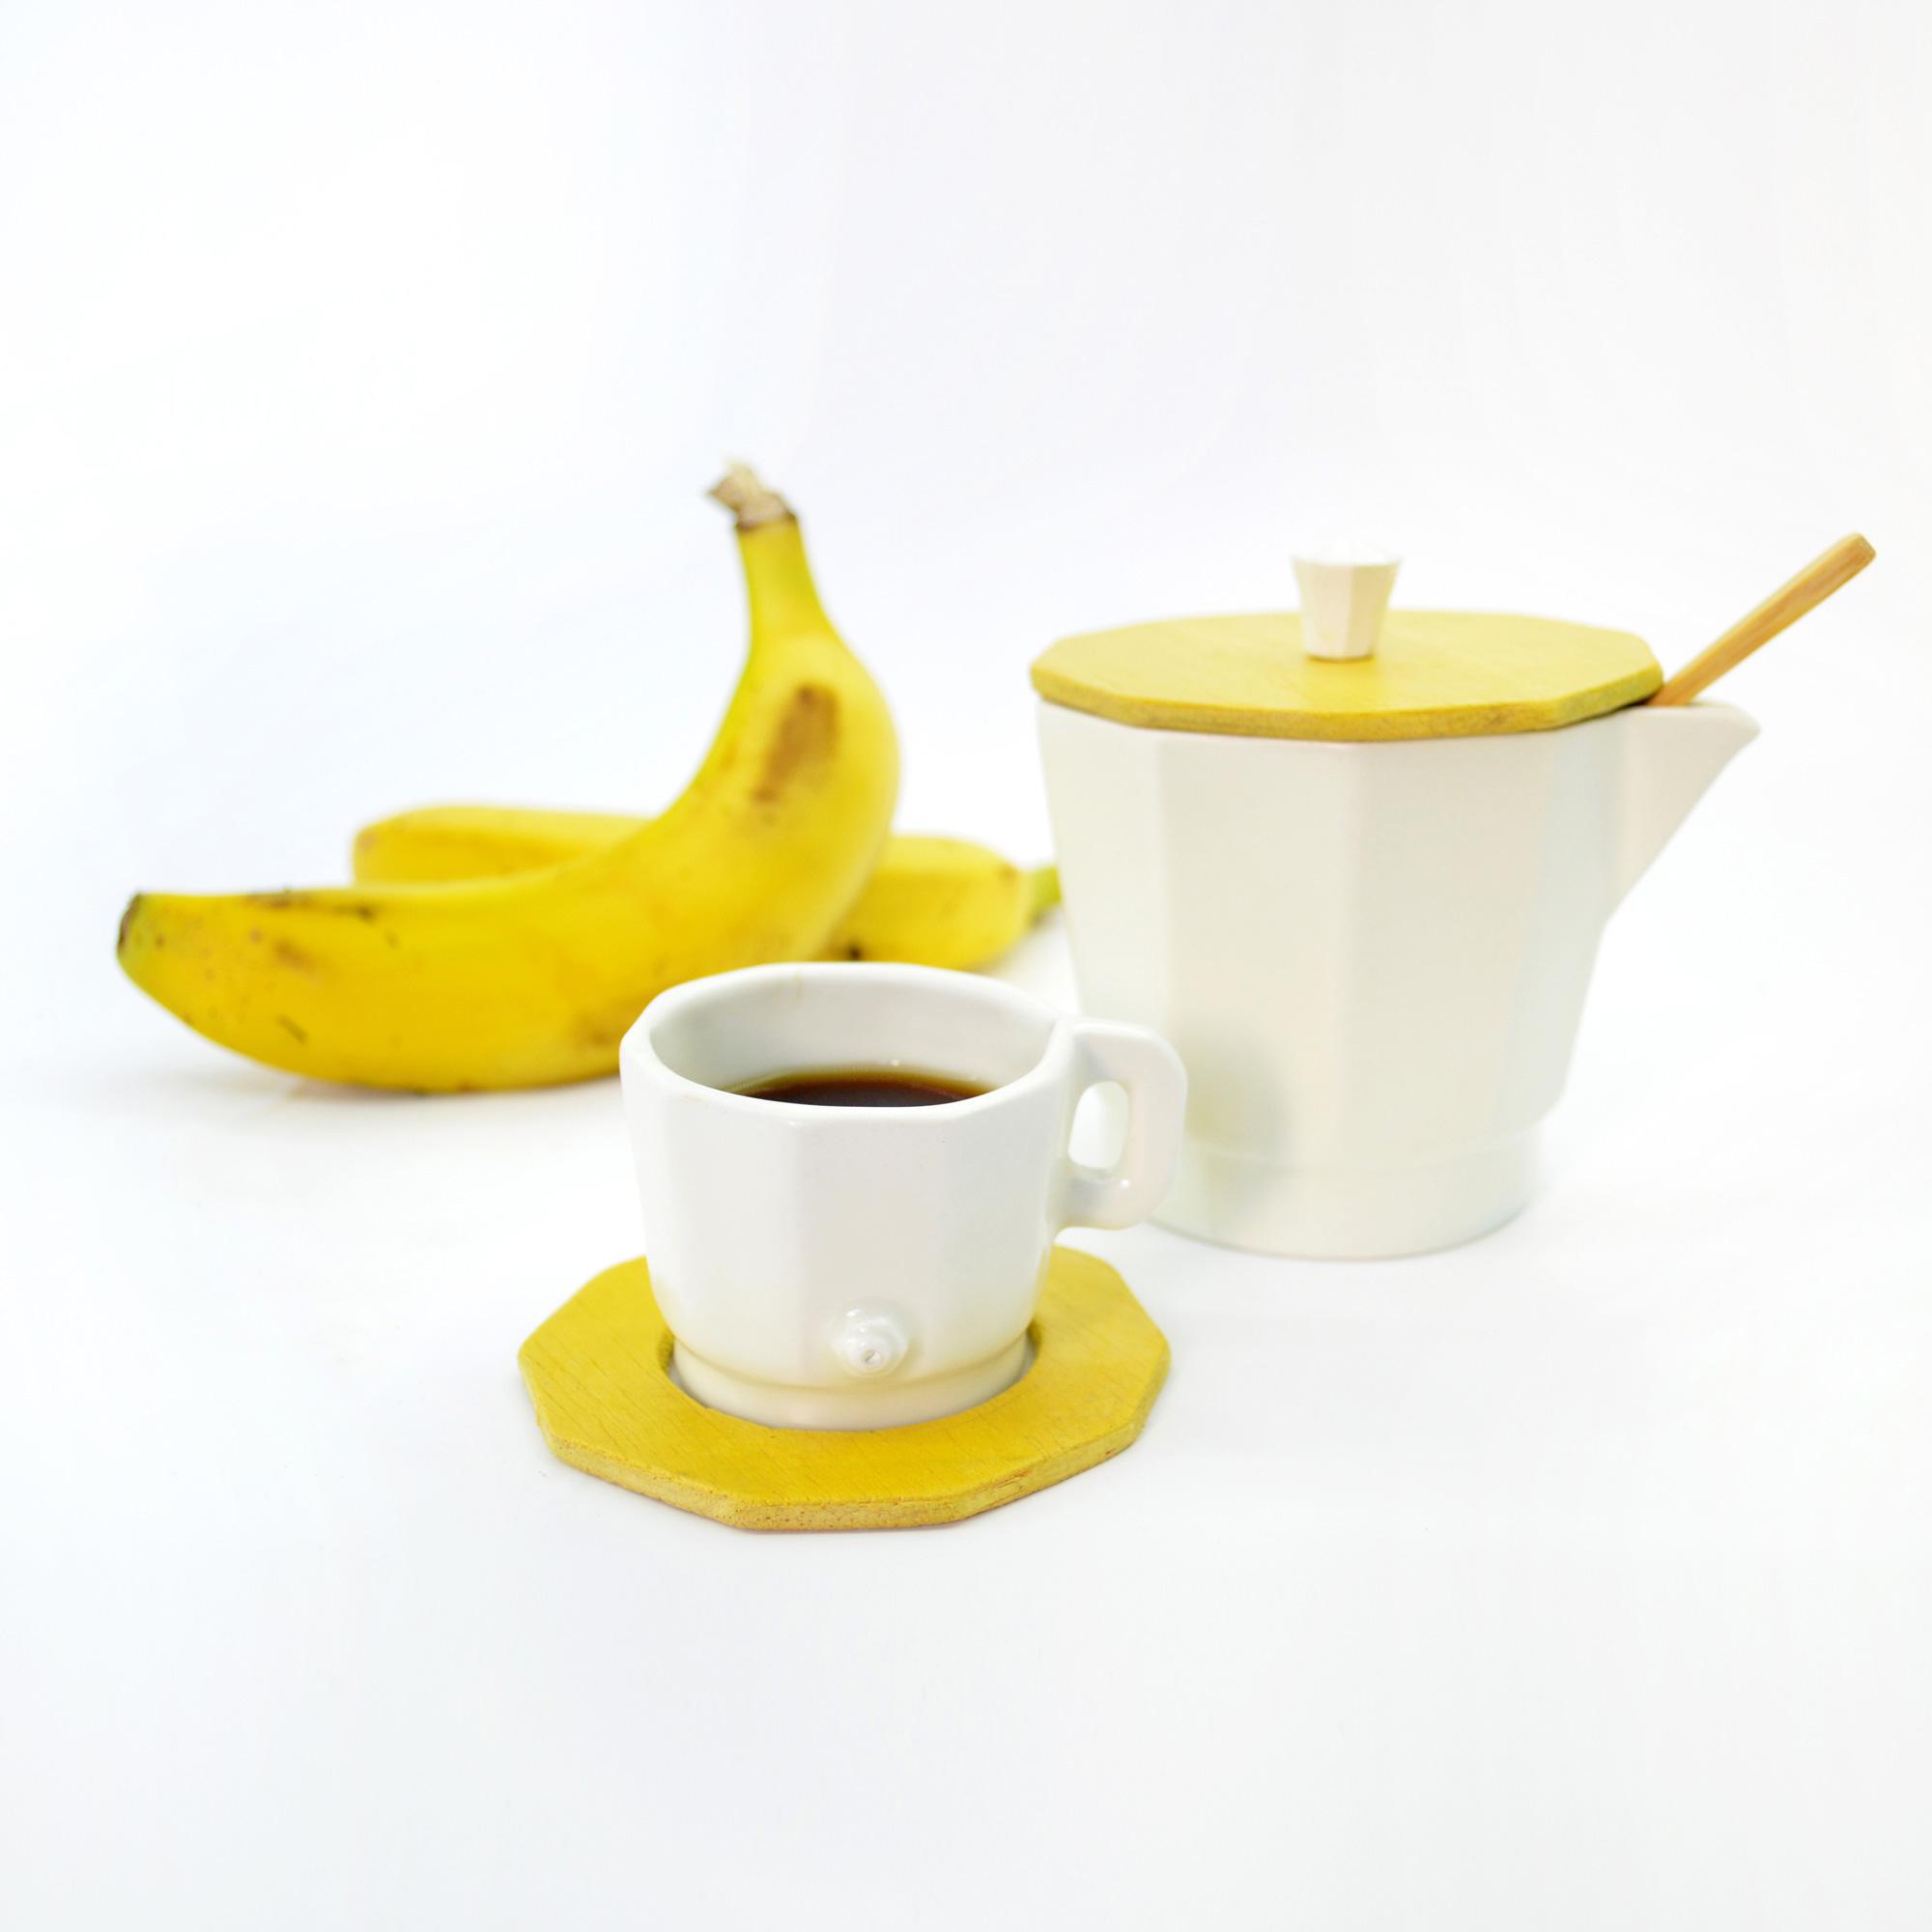 set de cafe cafetera de diseño ceramica azucar azucarero de calidad hecho a mano en loza blanca